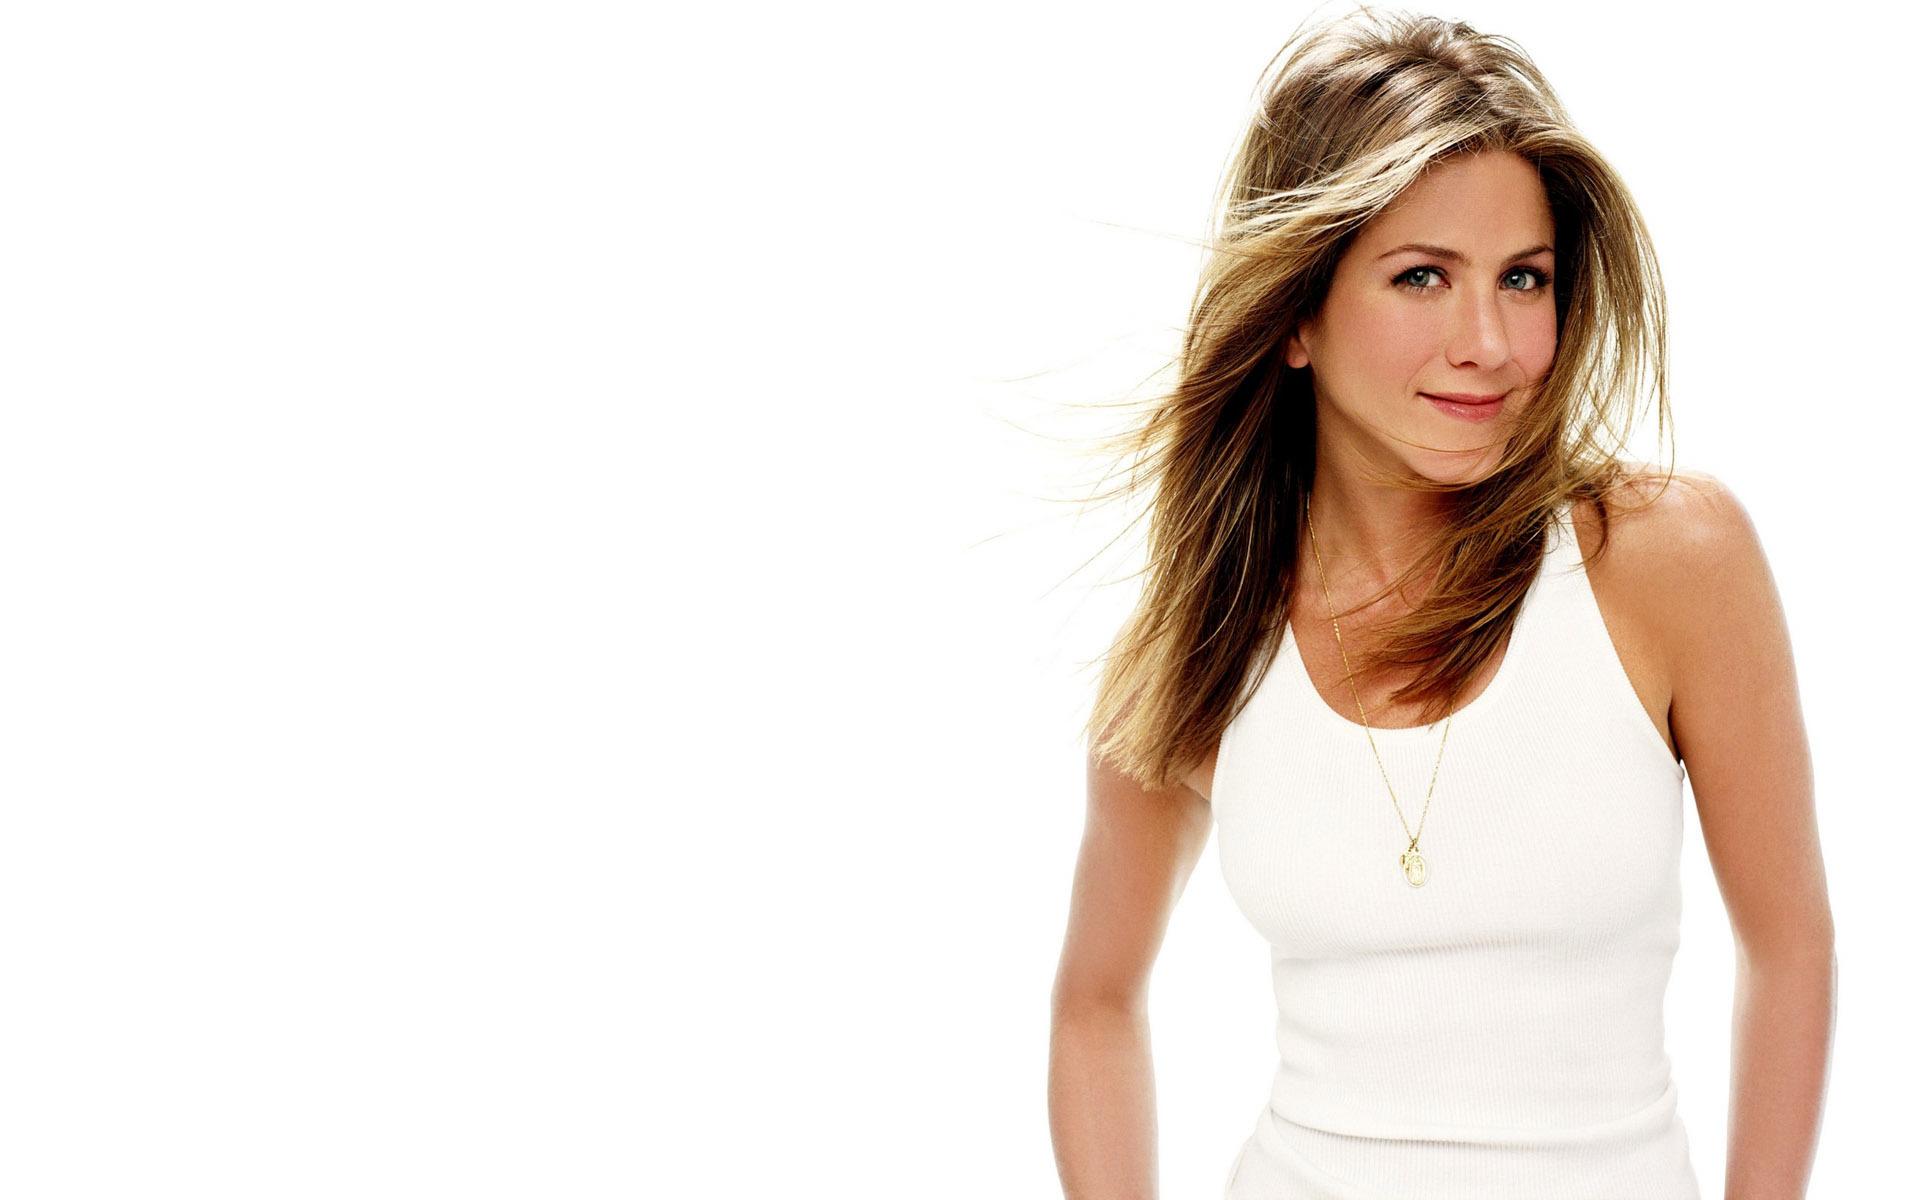 Jennifer Aniston Wallpaper For Laptop